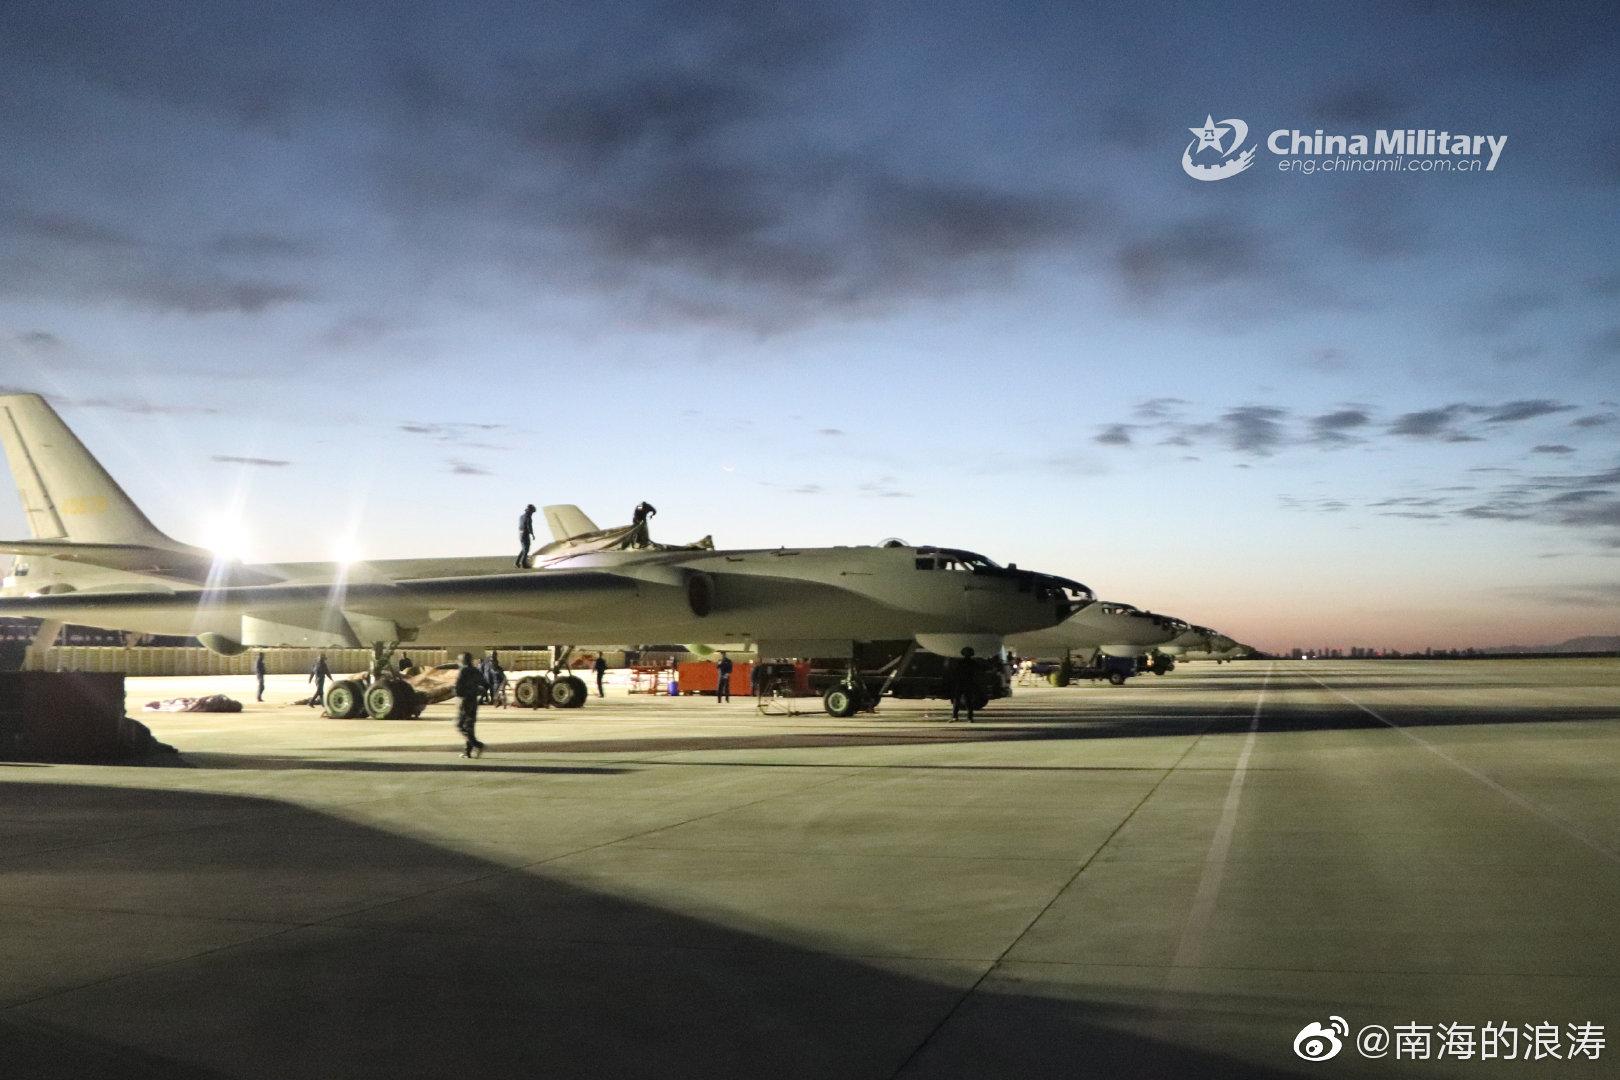 轰六在青海格尔木。中部战区空军高原驻训,轰-6H、运-20同框现身